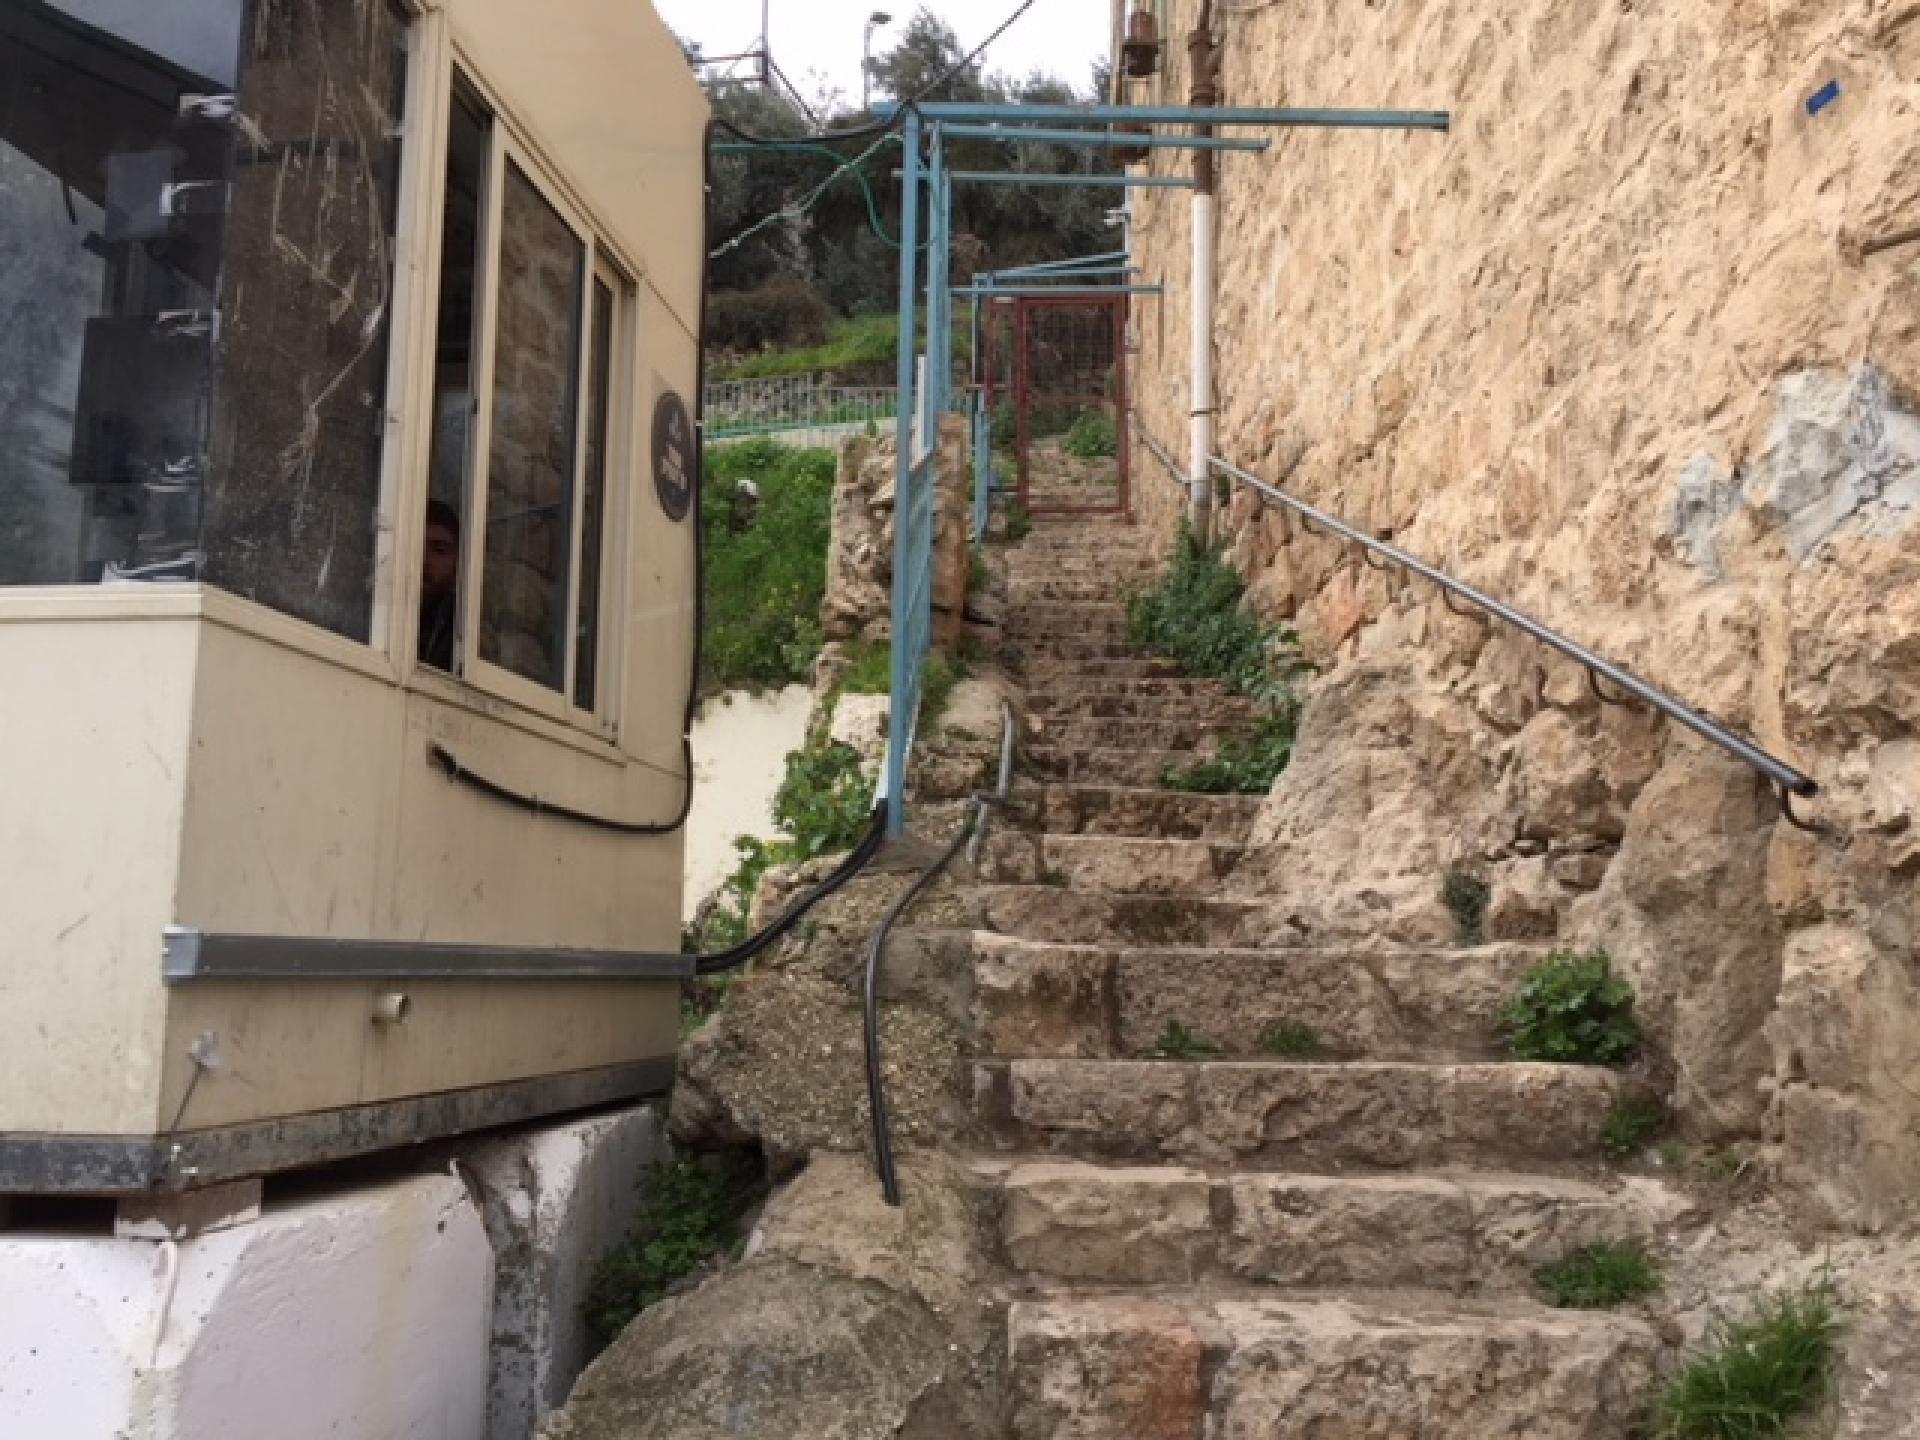 המדרגות לבית הספר כפי שהיו בעבר